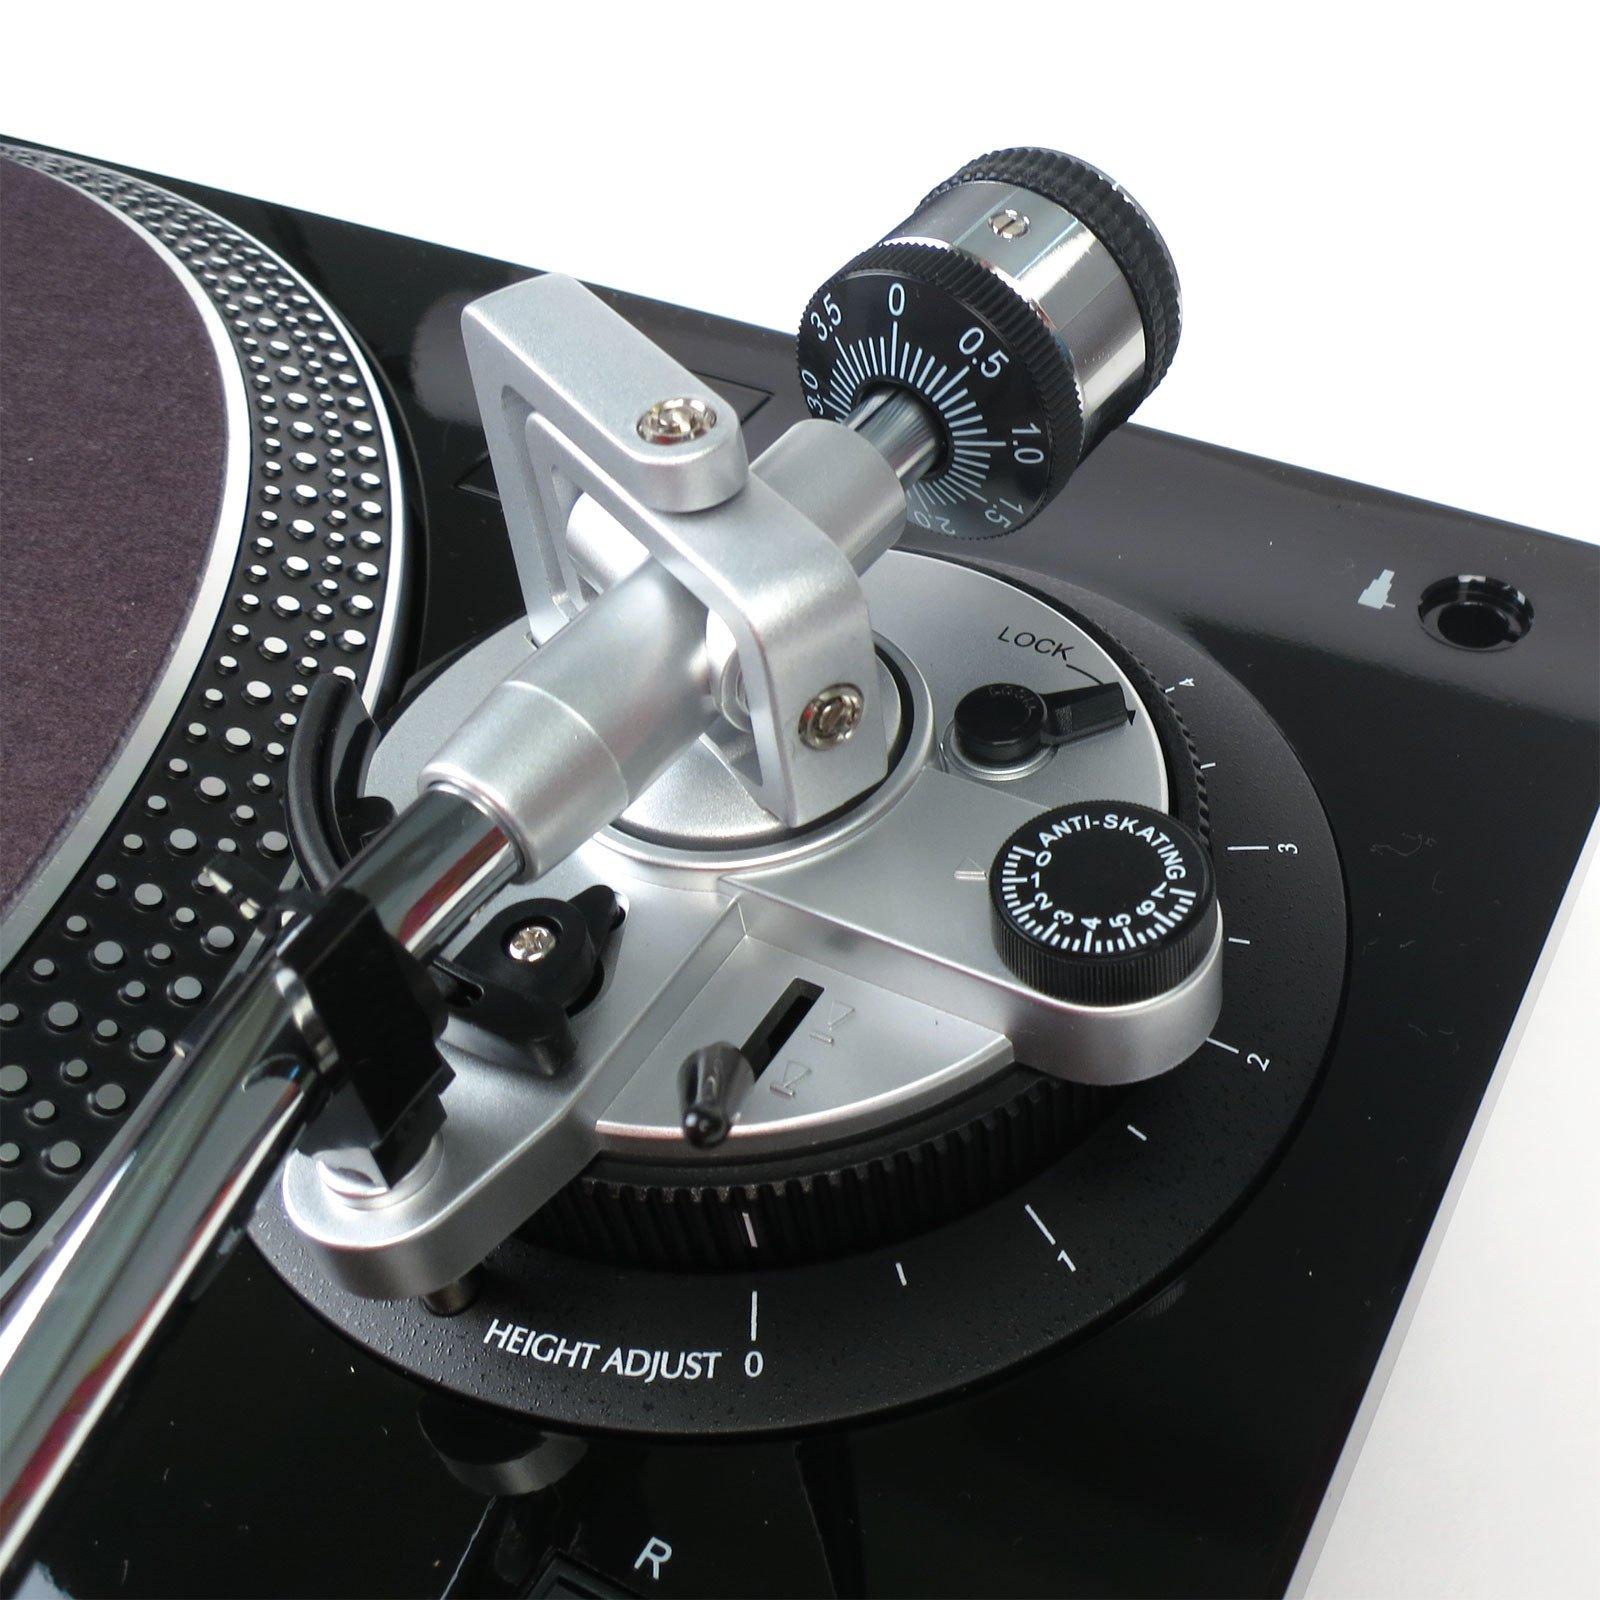 Audio-Technica AT-LP120USBHC Black